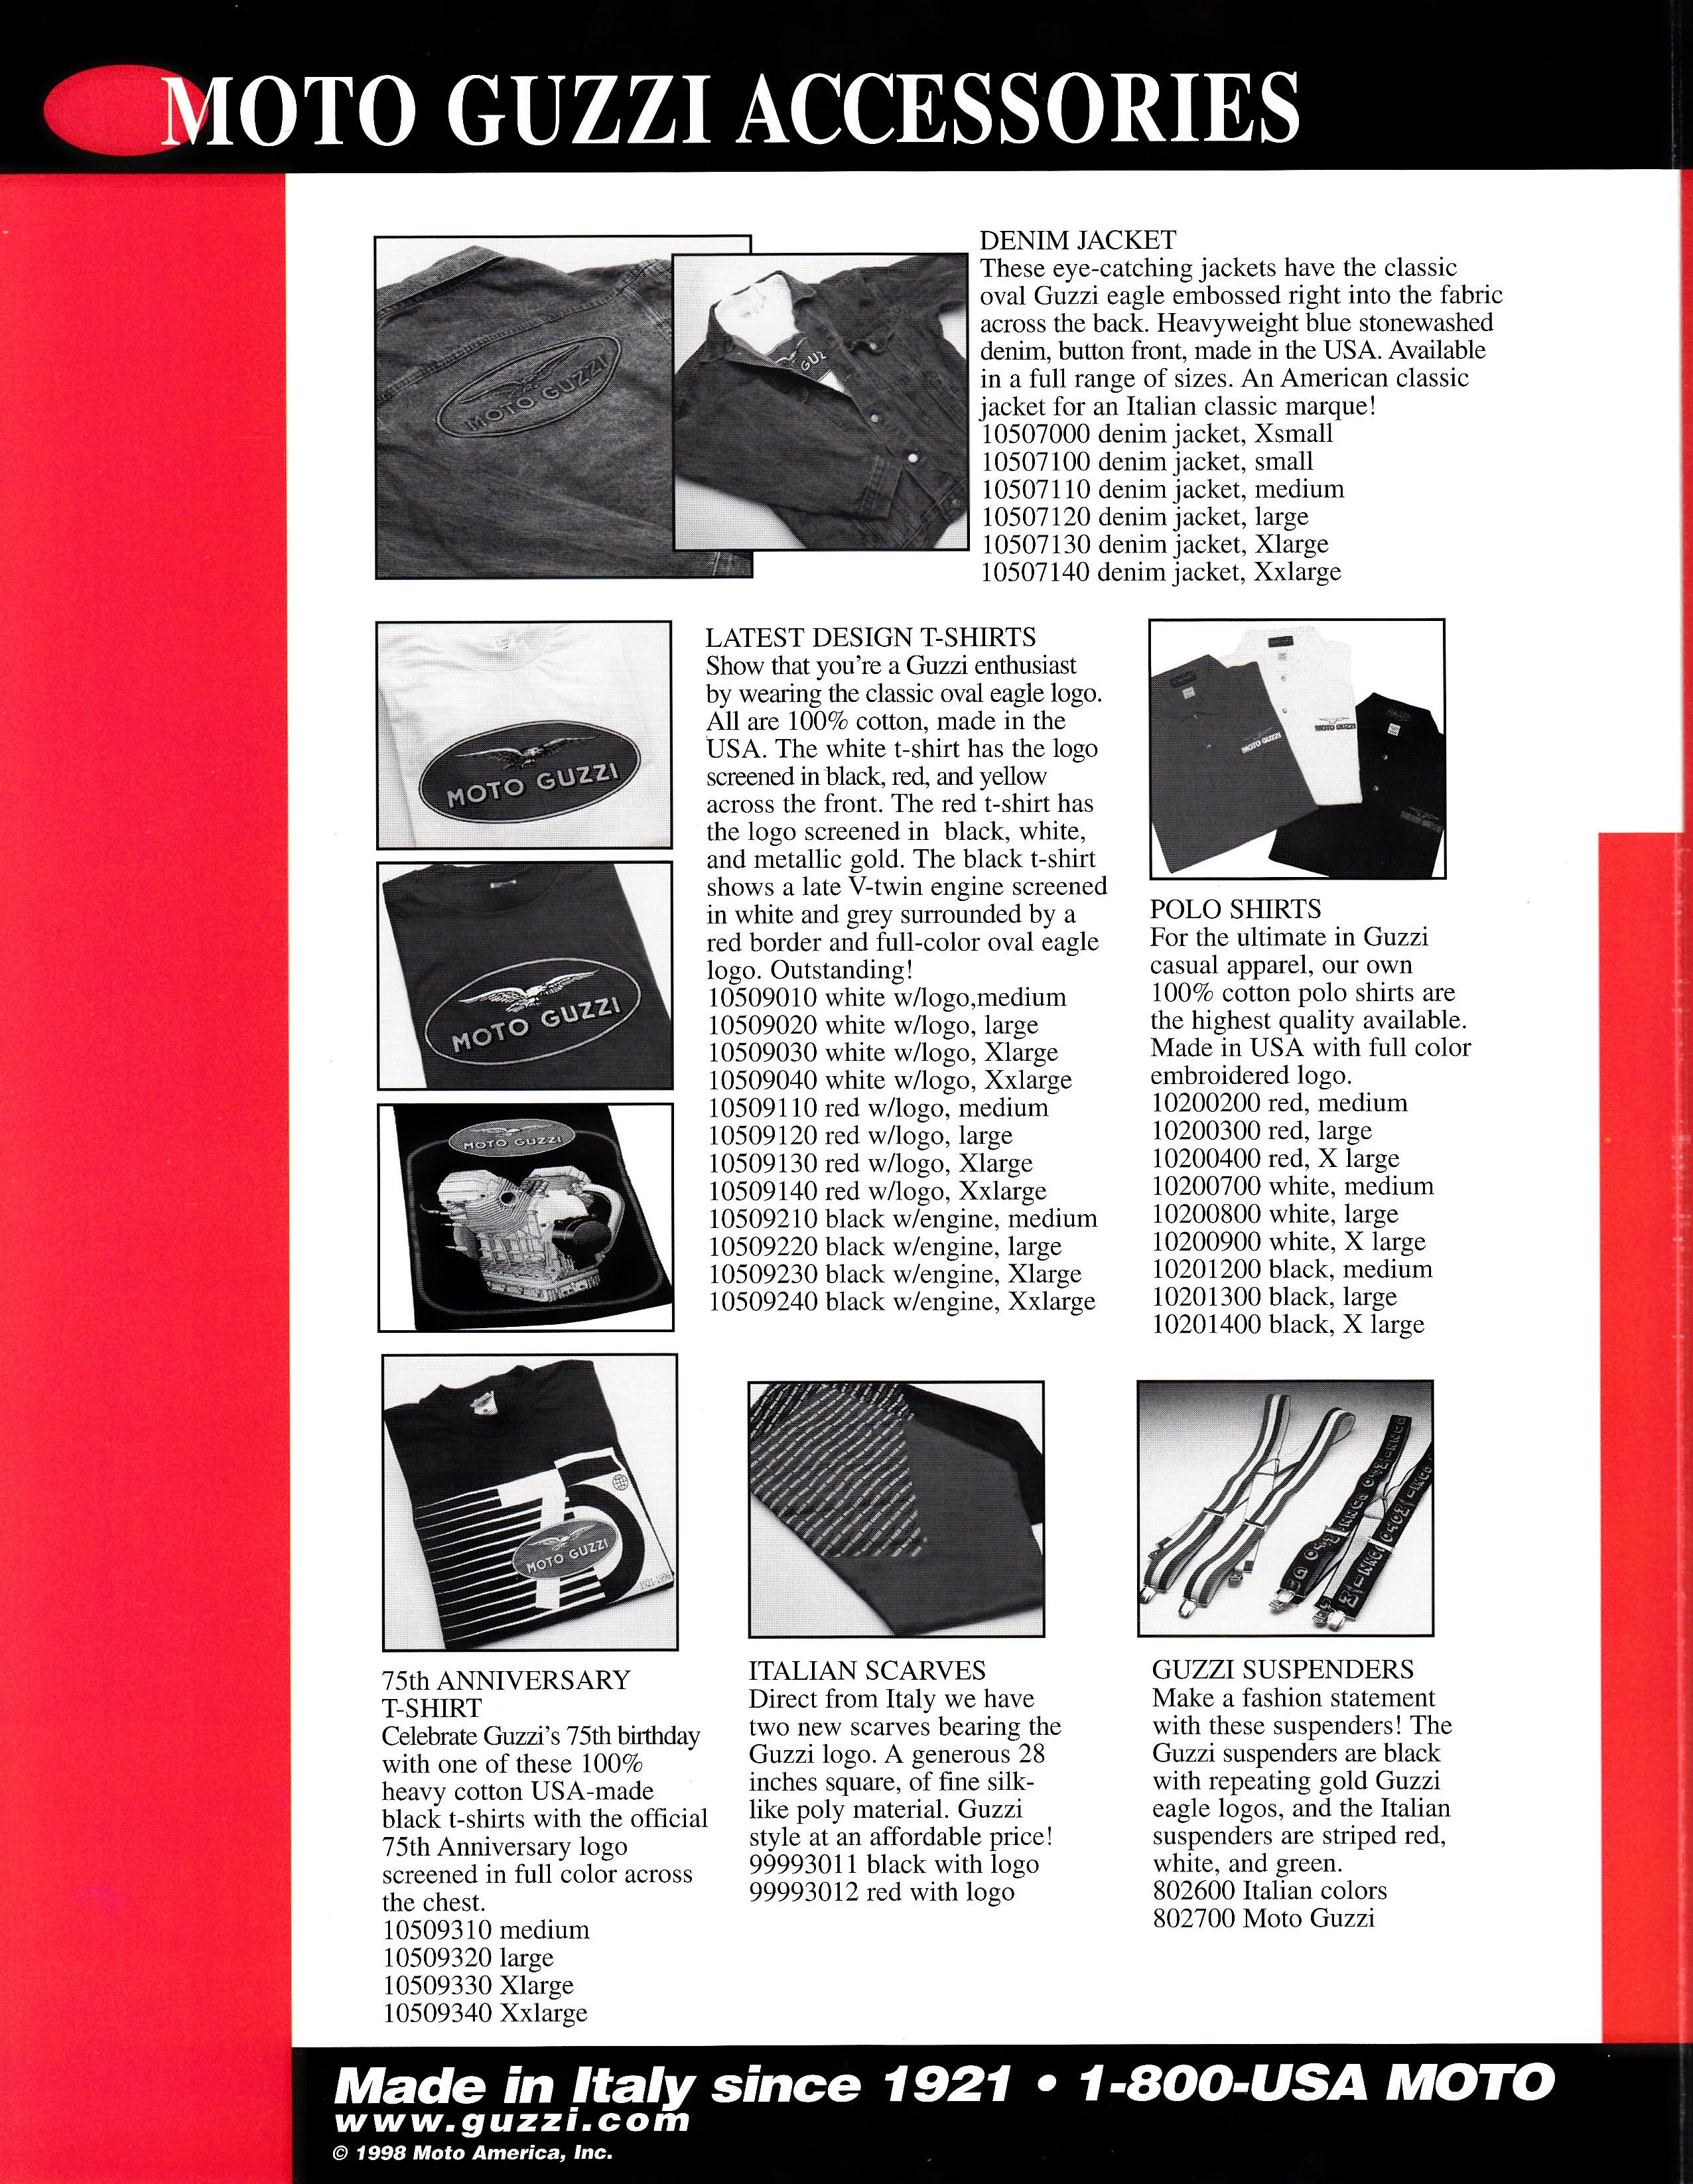 brochure - moto guzzi accessories  1998  - more moto guzzi topics - moto guzzi